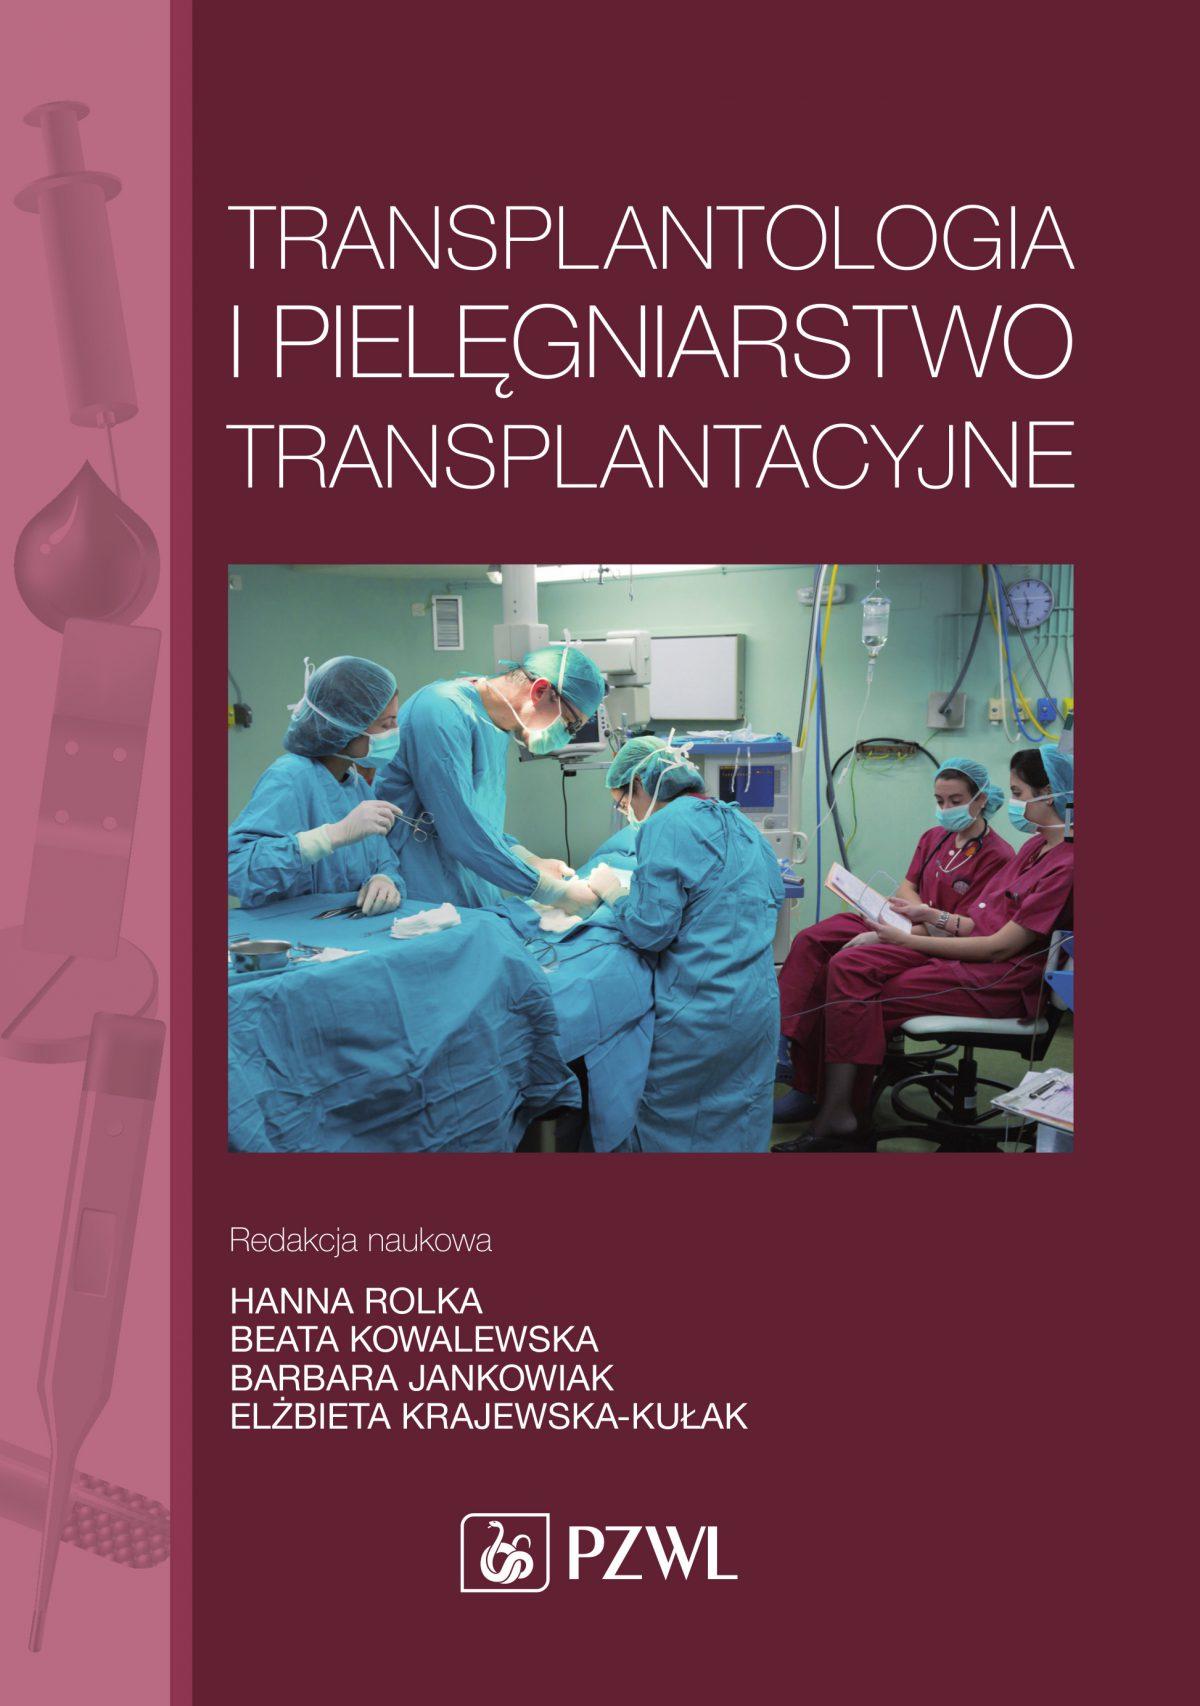 Transplantologia i pielęgniarstwo transplantacyjne - Ebook (Książka na Kindle) do pobrania w formacie MOBI